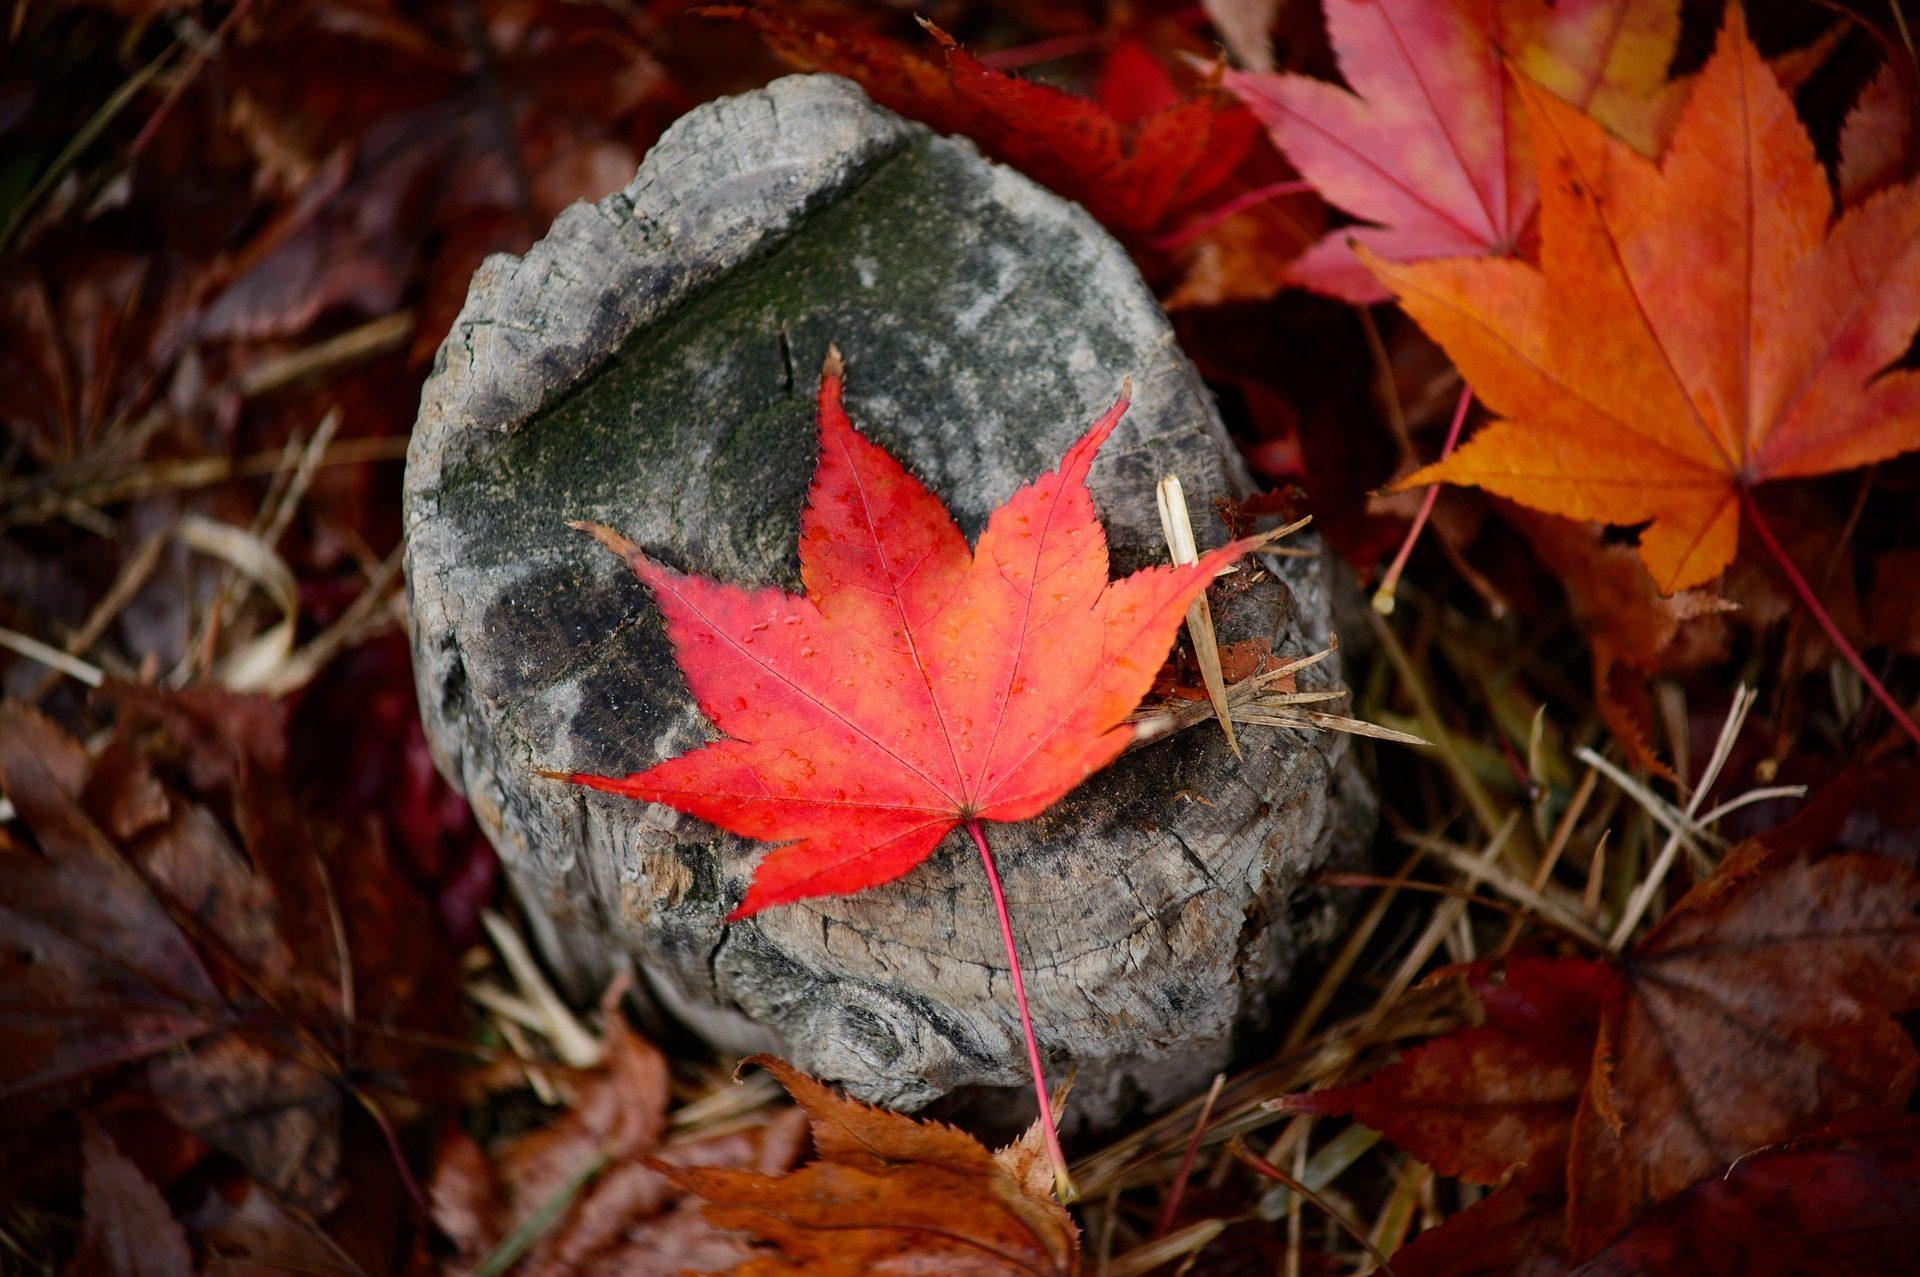 φύλλα, Πέτρα, απορρίματα φύλλων, υποκαταστήματα, φθινόπωρο - Wallpapers HD - Professor-falken.com